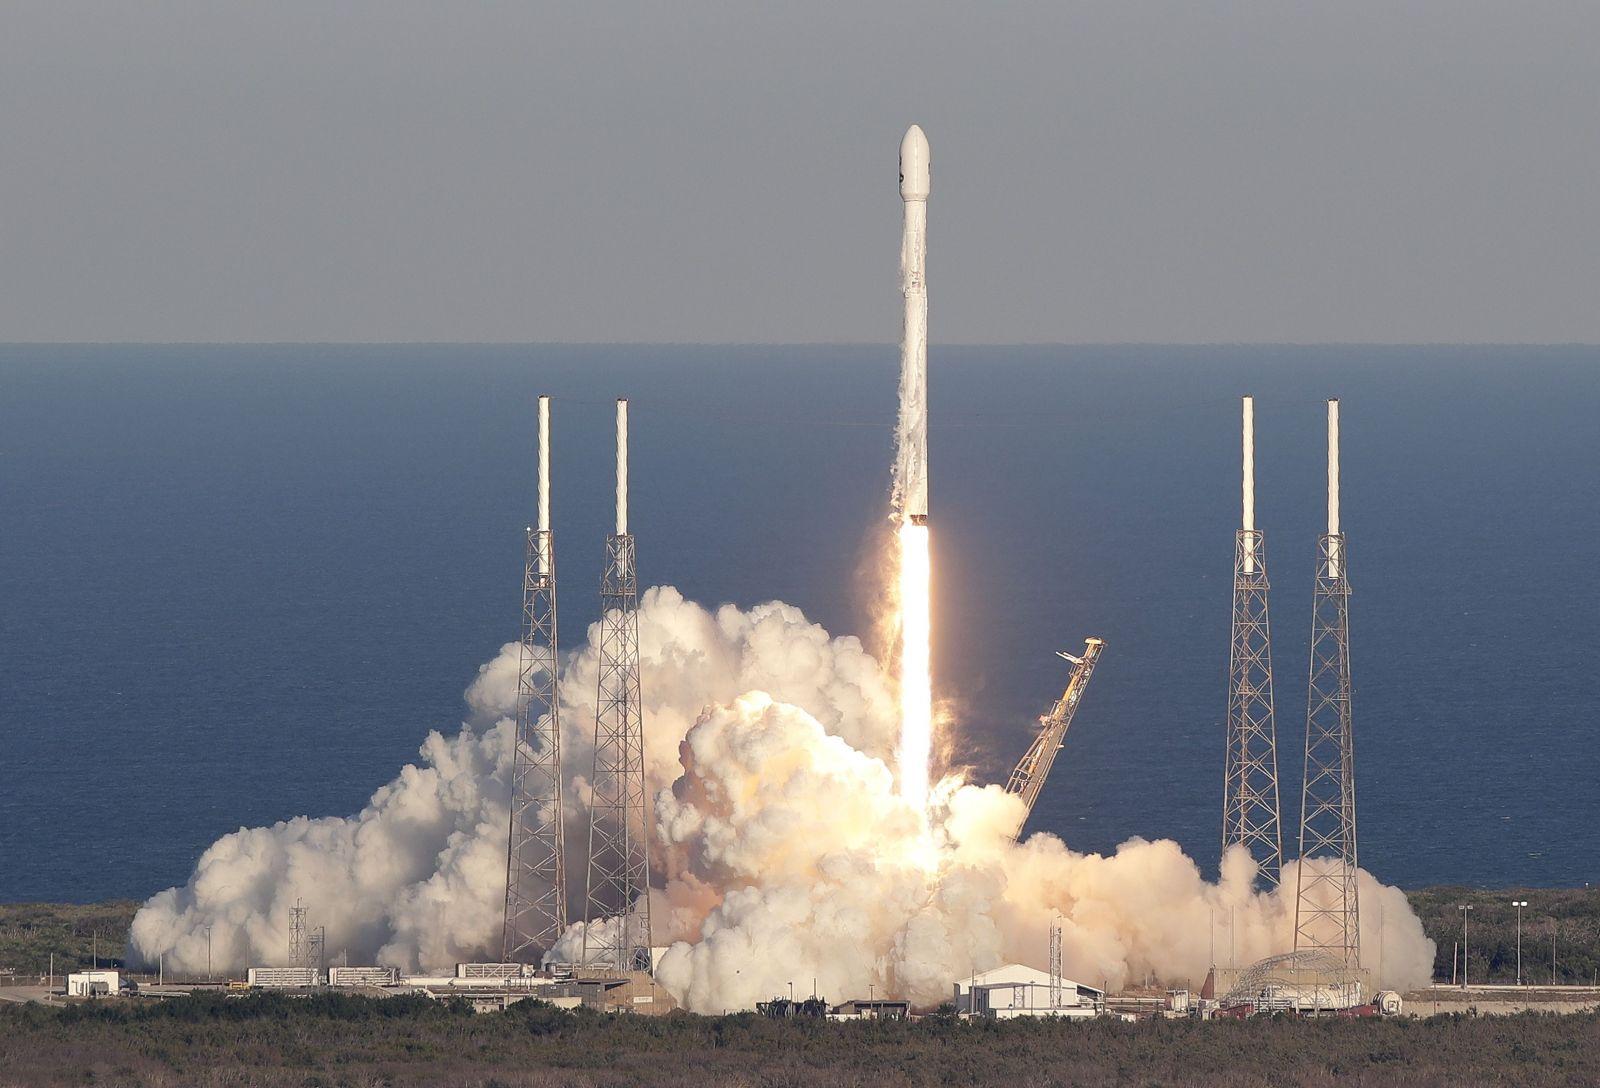 NASA vraj SpaceX prepláca školenia o drogách. Môže za to Muskovo fajčenie marihuany